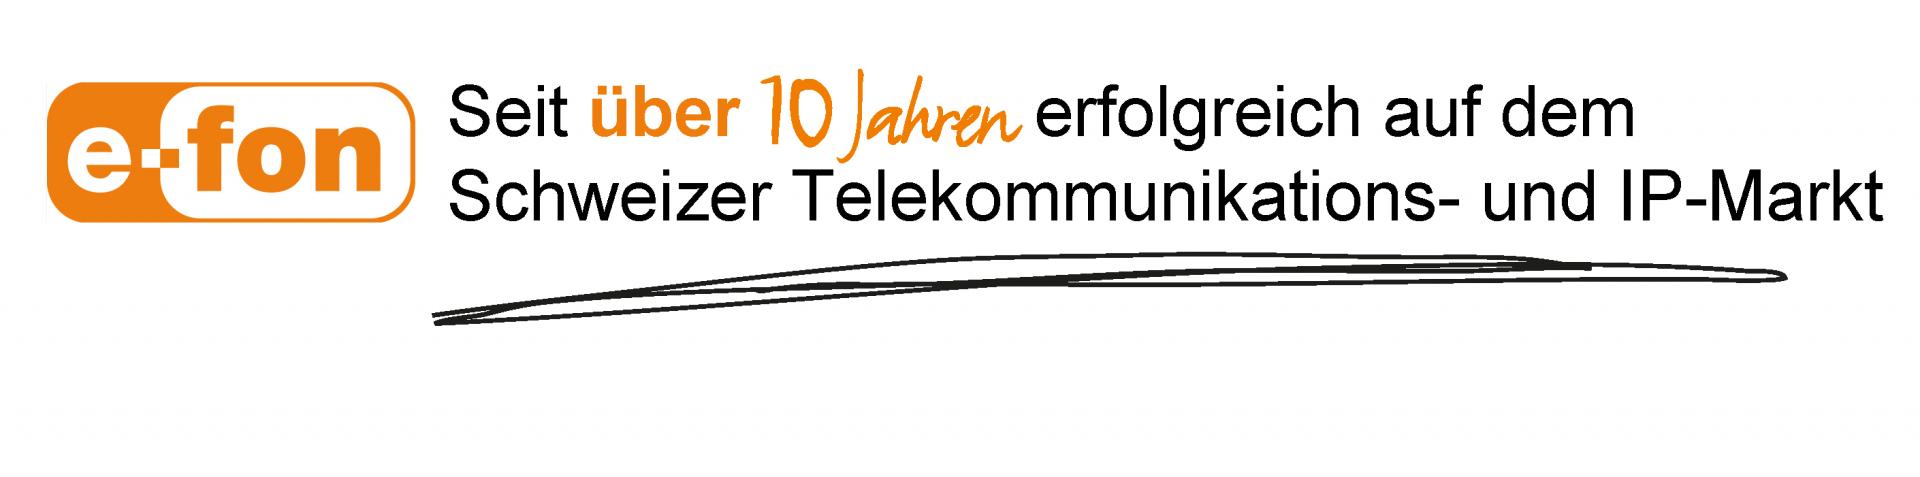 e-fon seit über 10 Jahren erfolgreich im Schweizer Telekom- und IP-Markt